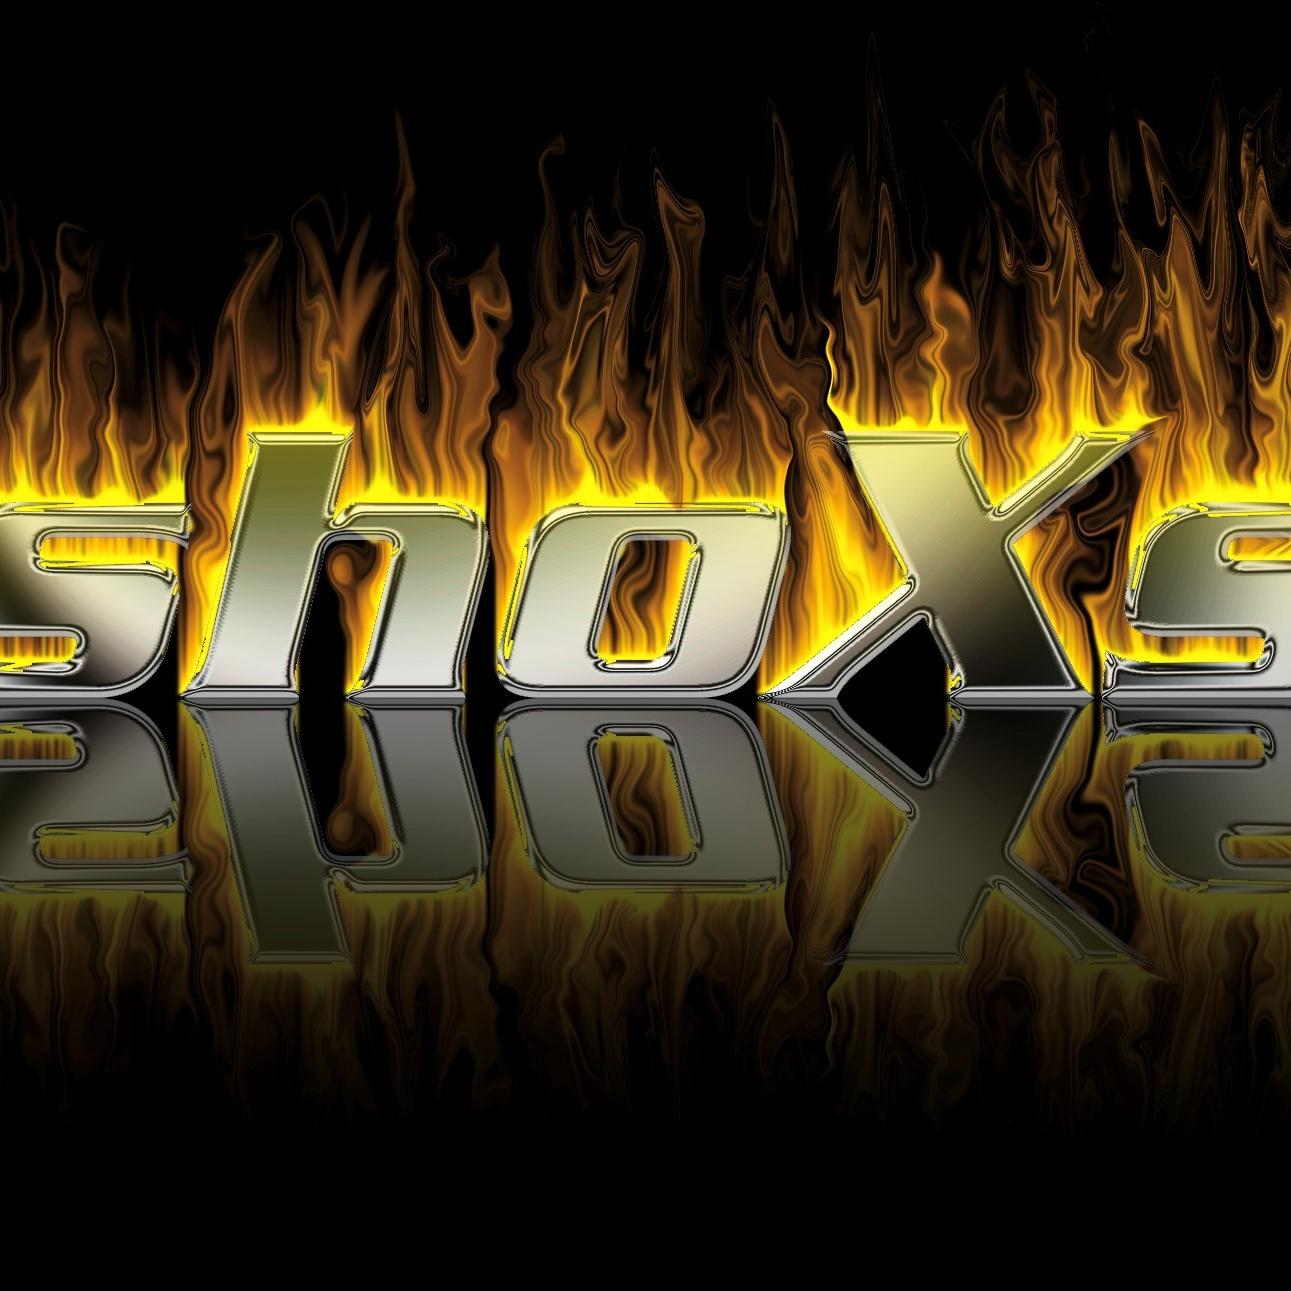 shoXs